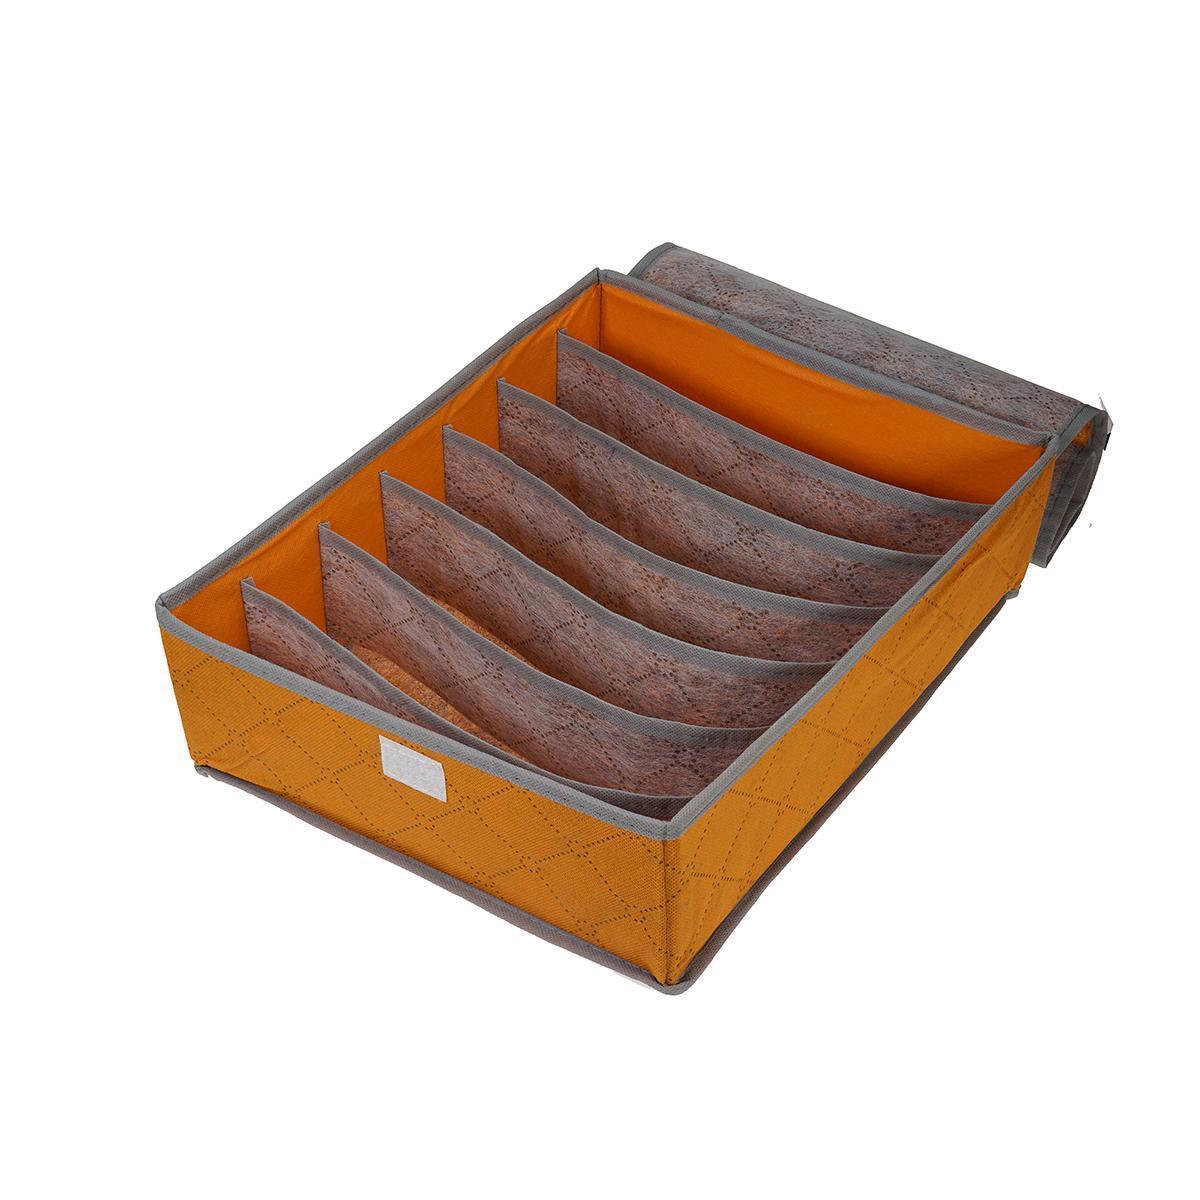 Органайзер для бюстгальтеров на 7 отделений с крышкой, Оранжевый